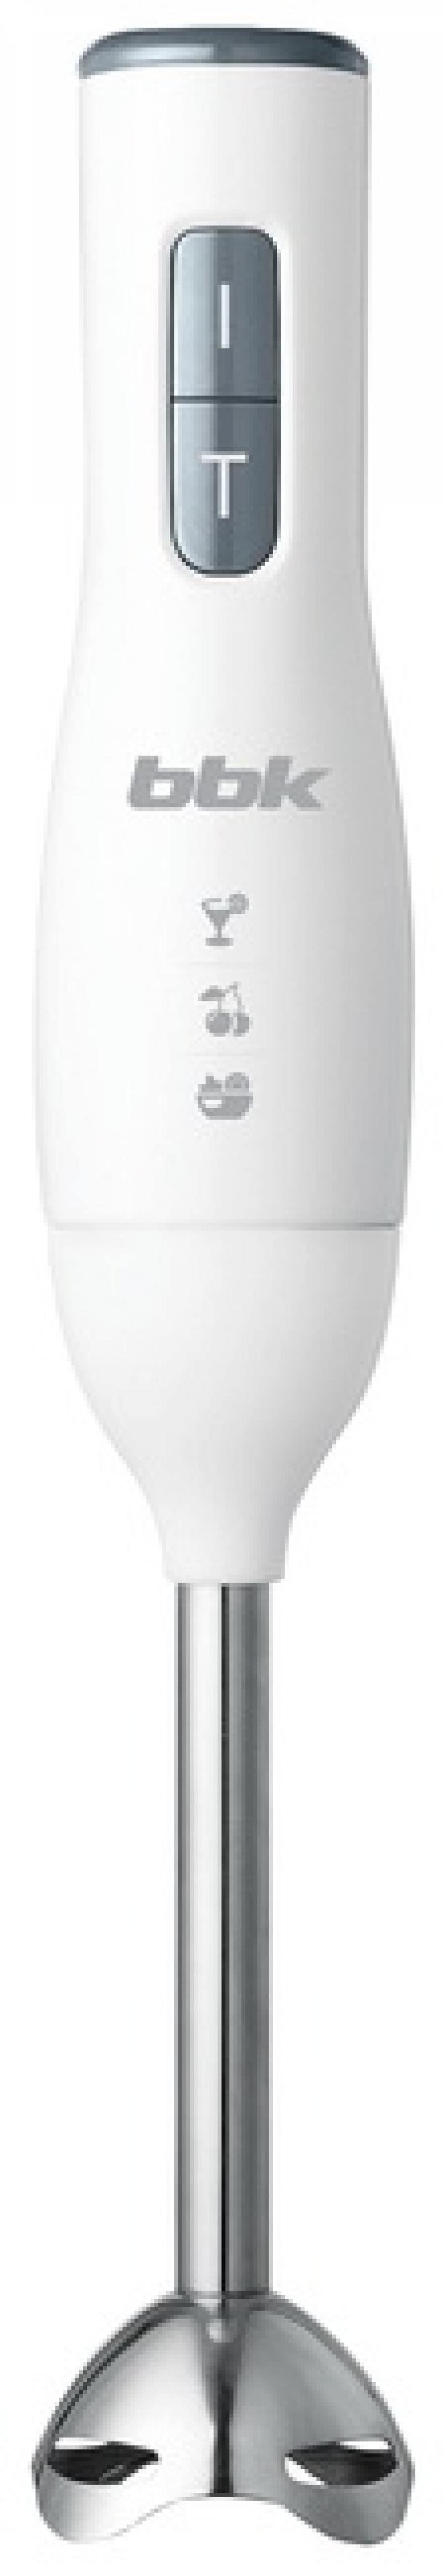 Блендер погружной BBK KBH0302 300Вт серый белый блендер погружной rolsen sm 310mc 300вт бежевый